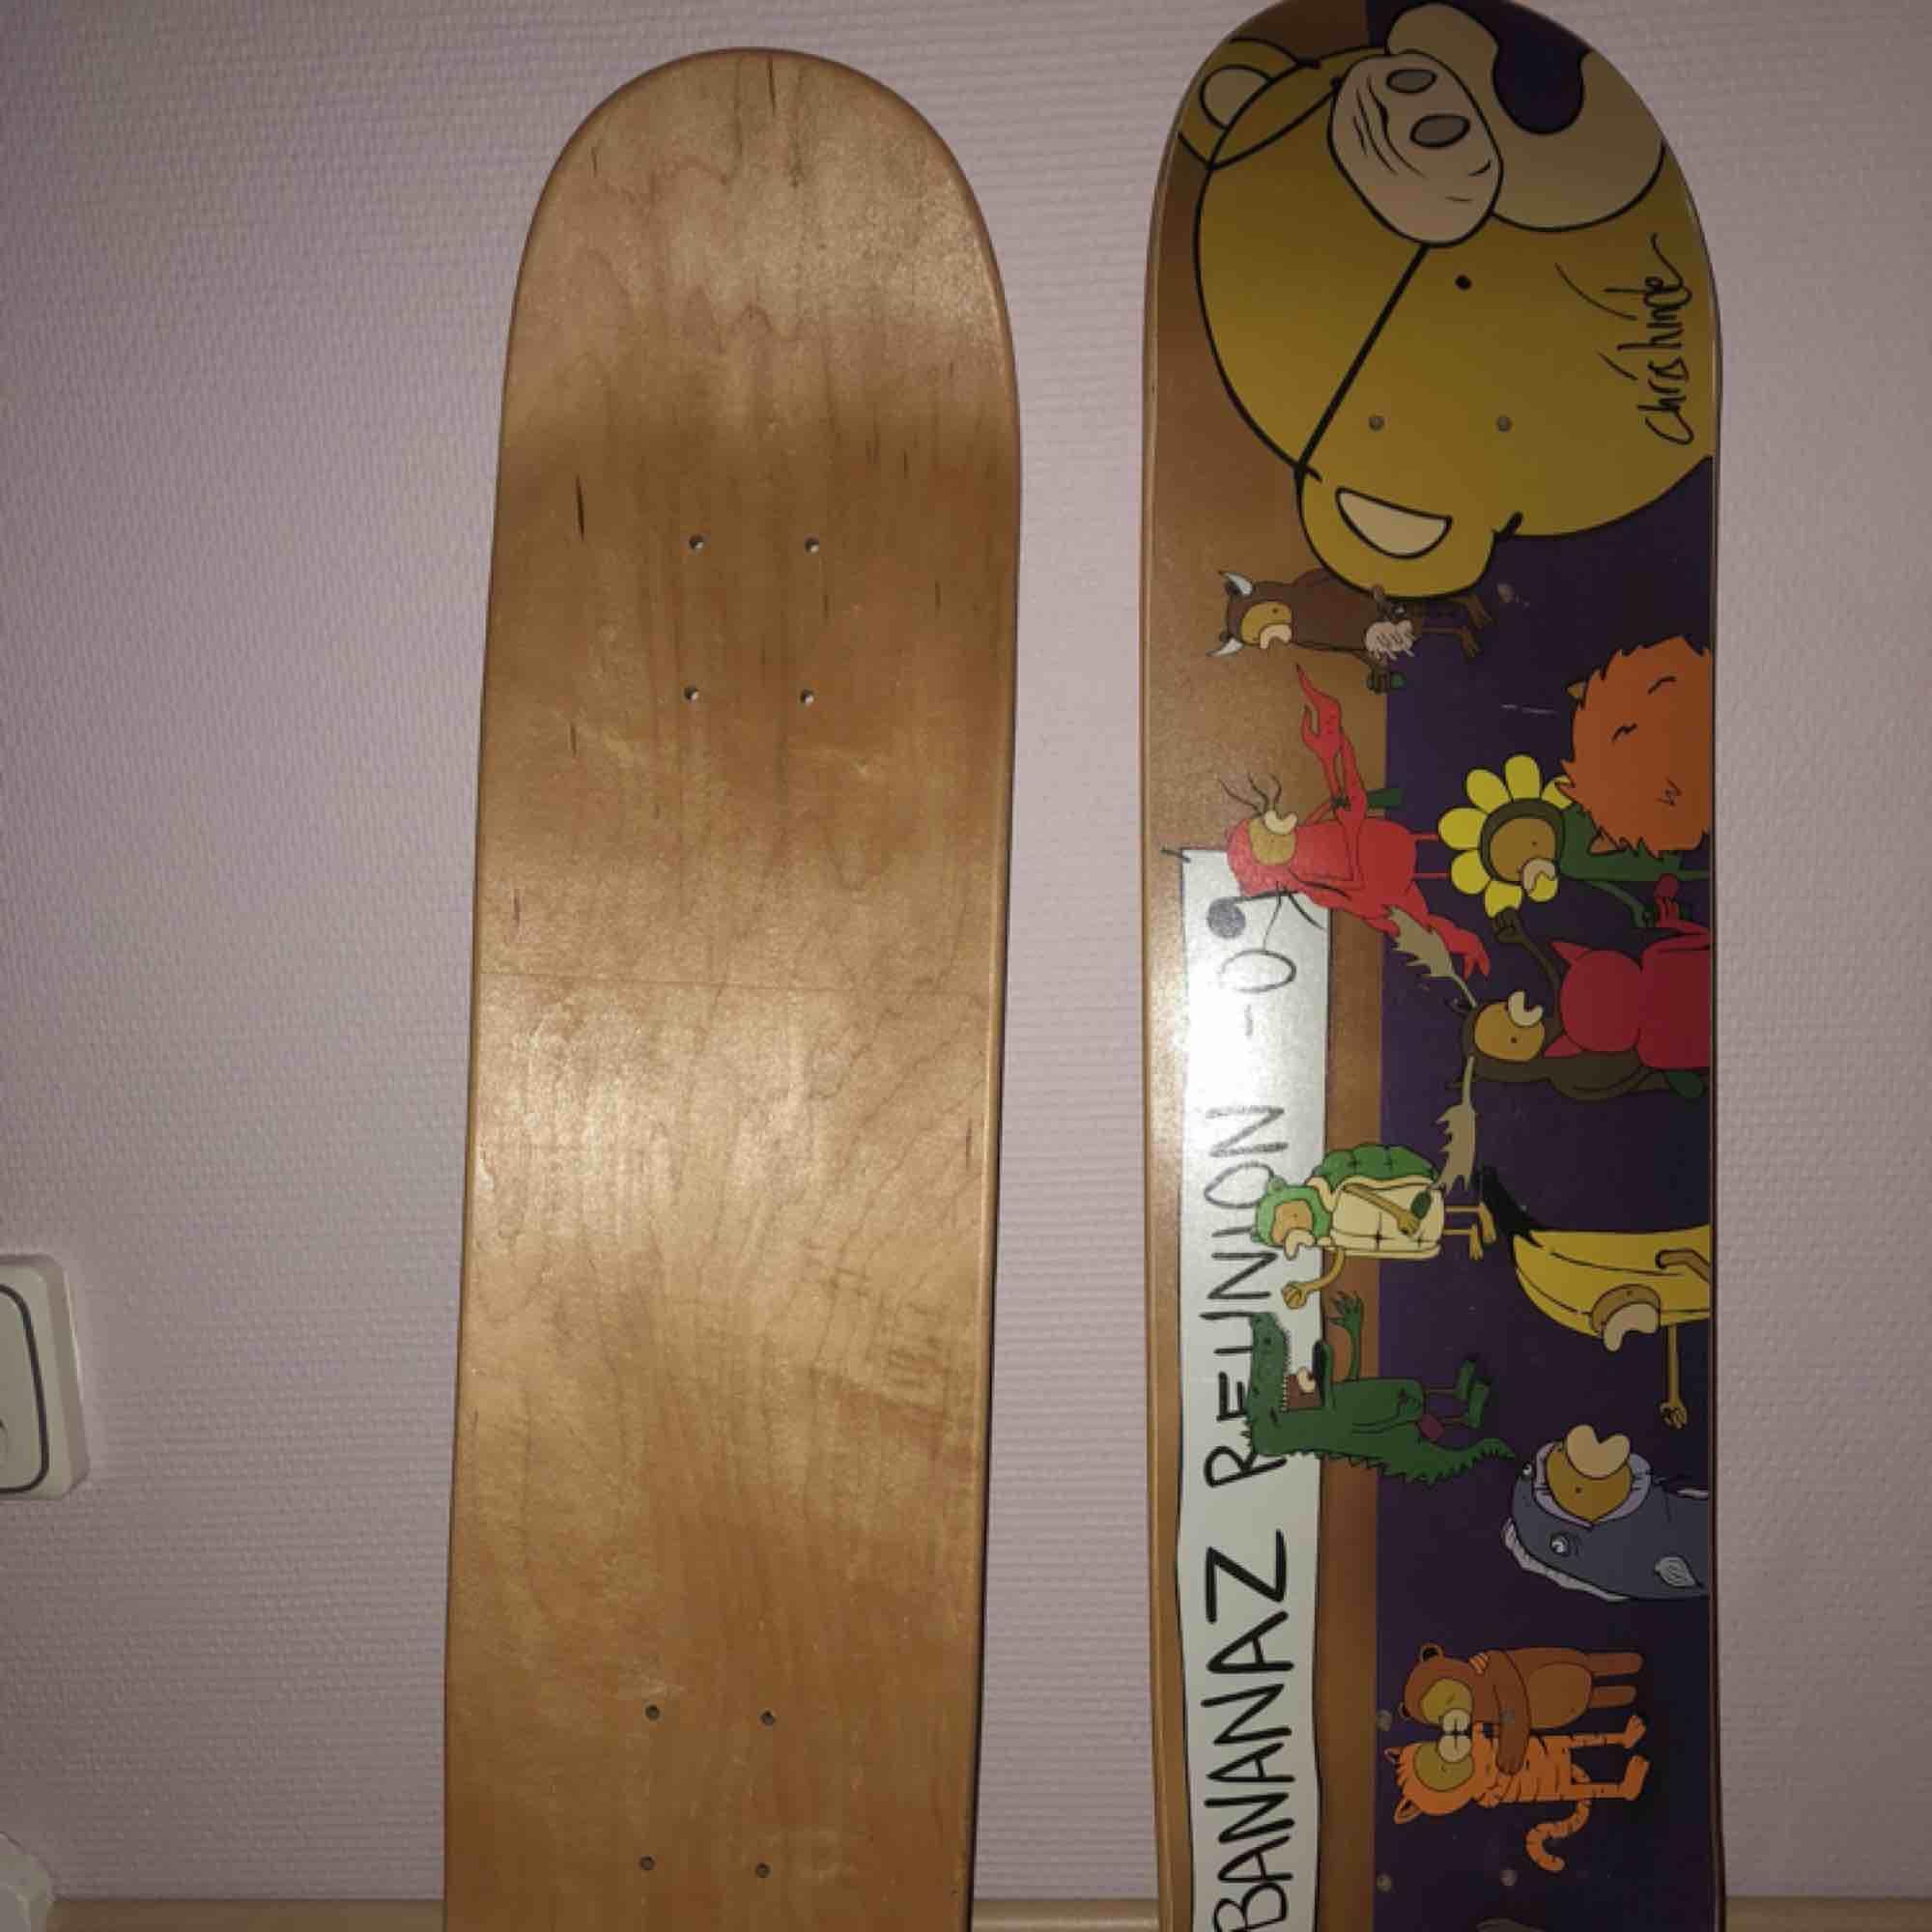 Skateboards, oanvända. De är båda likadana och kostar 100 kr styck. Kan mötas upp i Skåne eller skicka mot fraktkostnad. Har även griptape som man kan få med. Accessoarer.